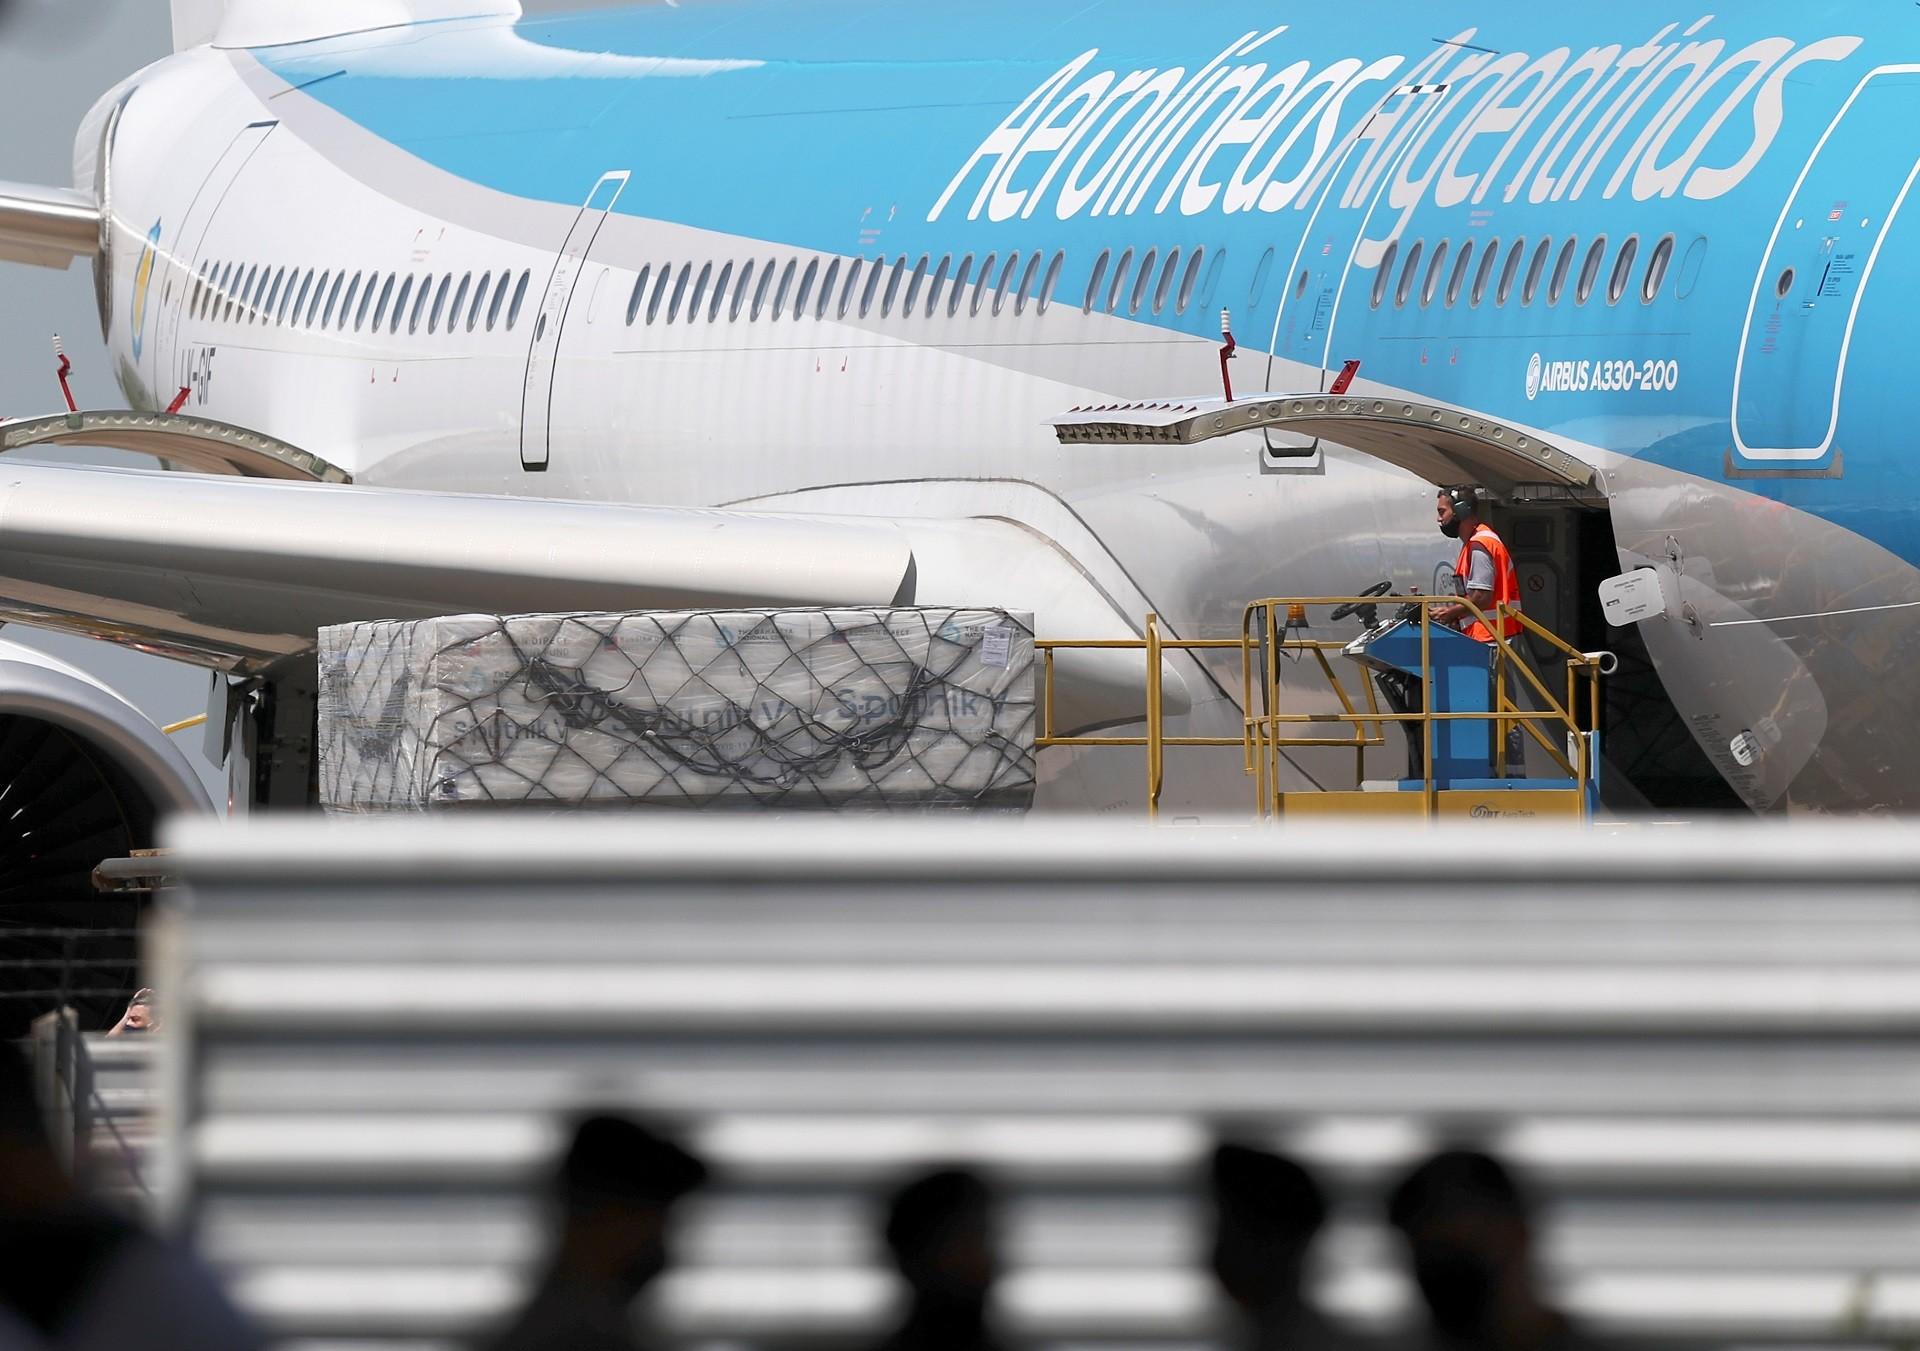 Vacina russa na chegada ao aeroporto internacional Ezeiza, em Buenos Aires